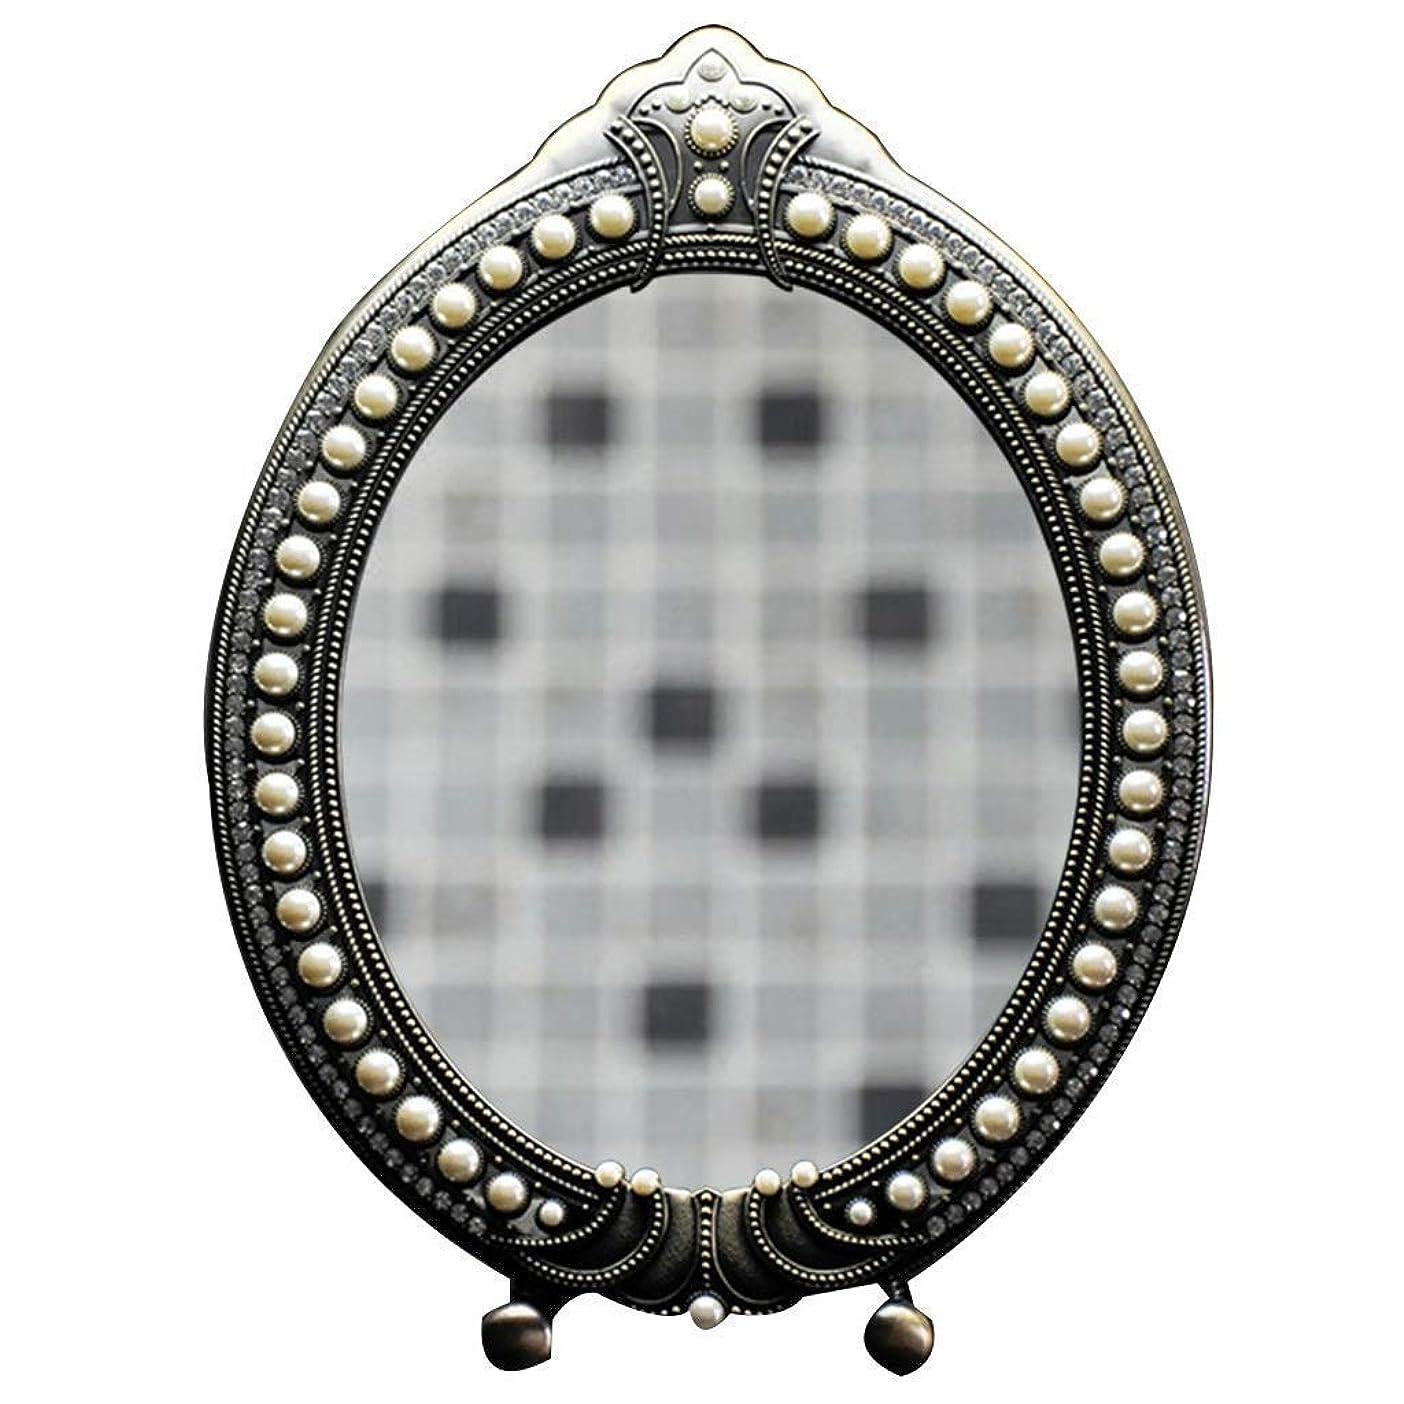 言い聞かせる傑出したパパZY-YY 16 LED LightesウォールのLED化粧鏡化粧ミラーメイクアップミラーUSB充電式/バッテリーは、カウンター化粧品のベッドルームのためにバニティミラーをマウント